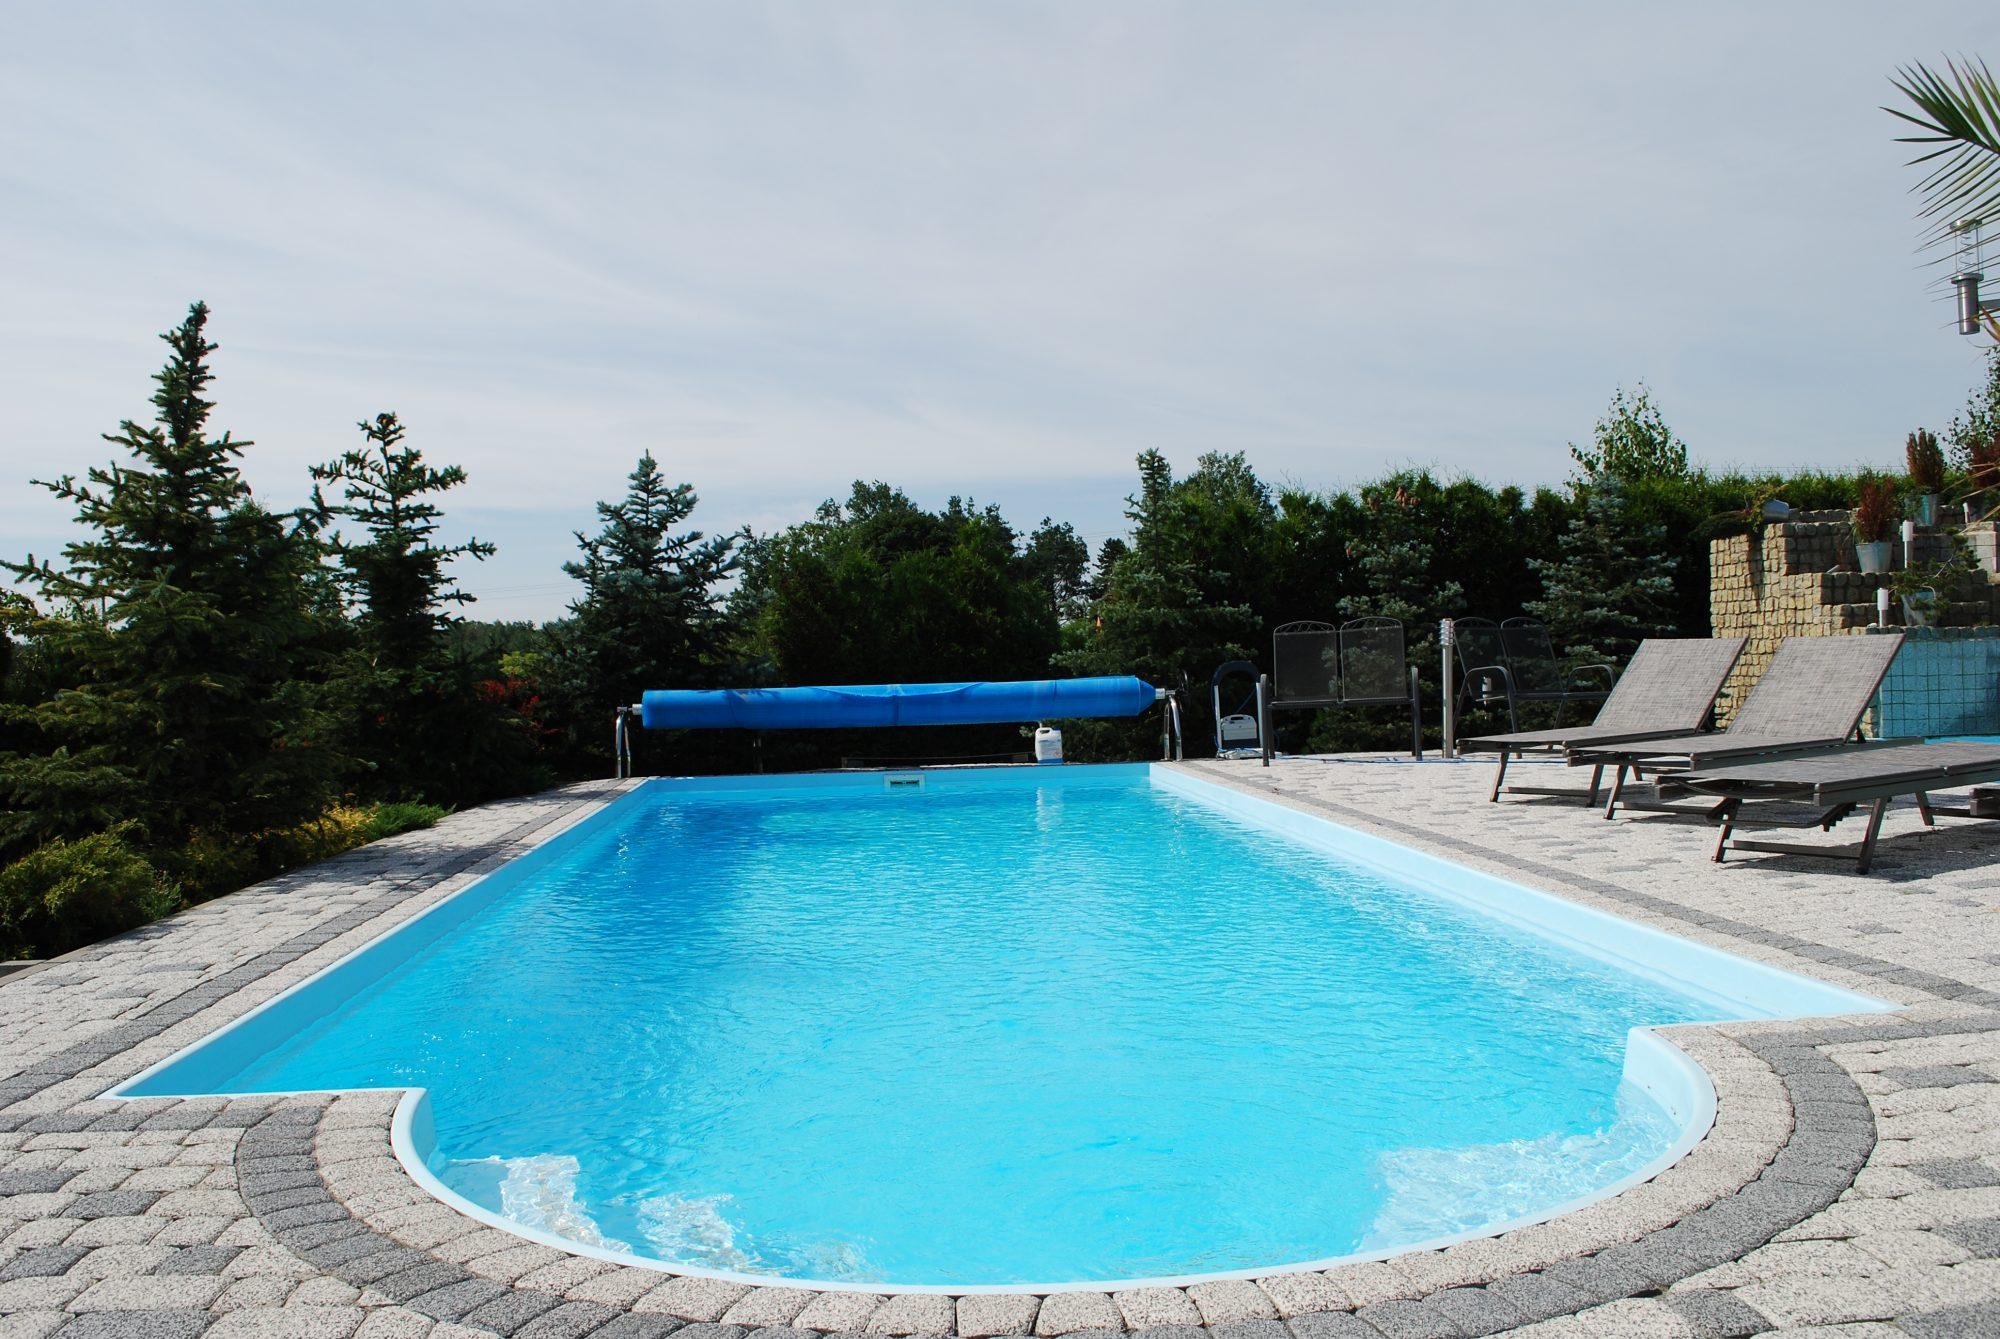 Full Size of Gebrauchte Gfk Pools Kaufen Küche Fenster Regale Einbauküche Verkaufen Betten Wohnzimmer Gebrauchte Gfk Pools